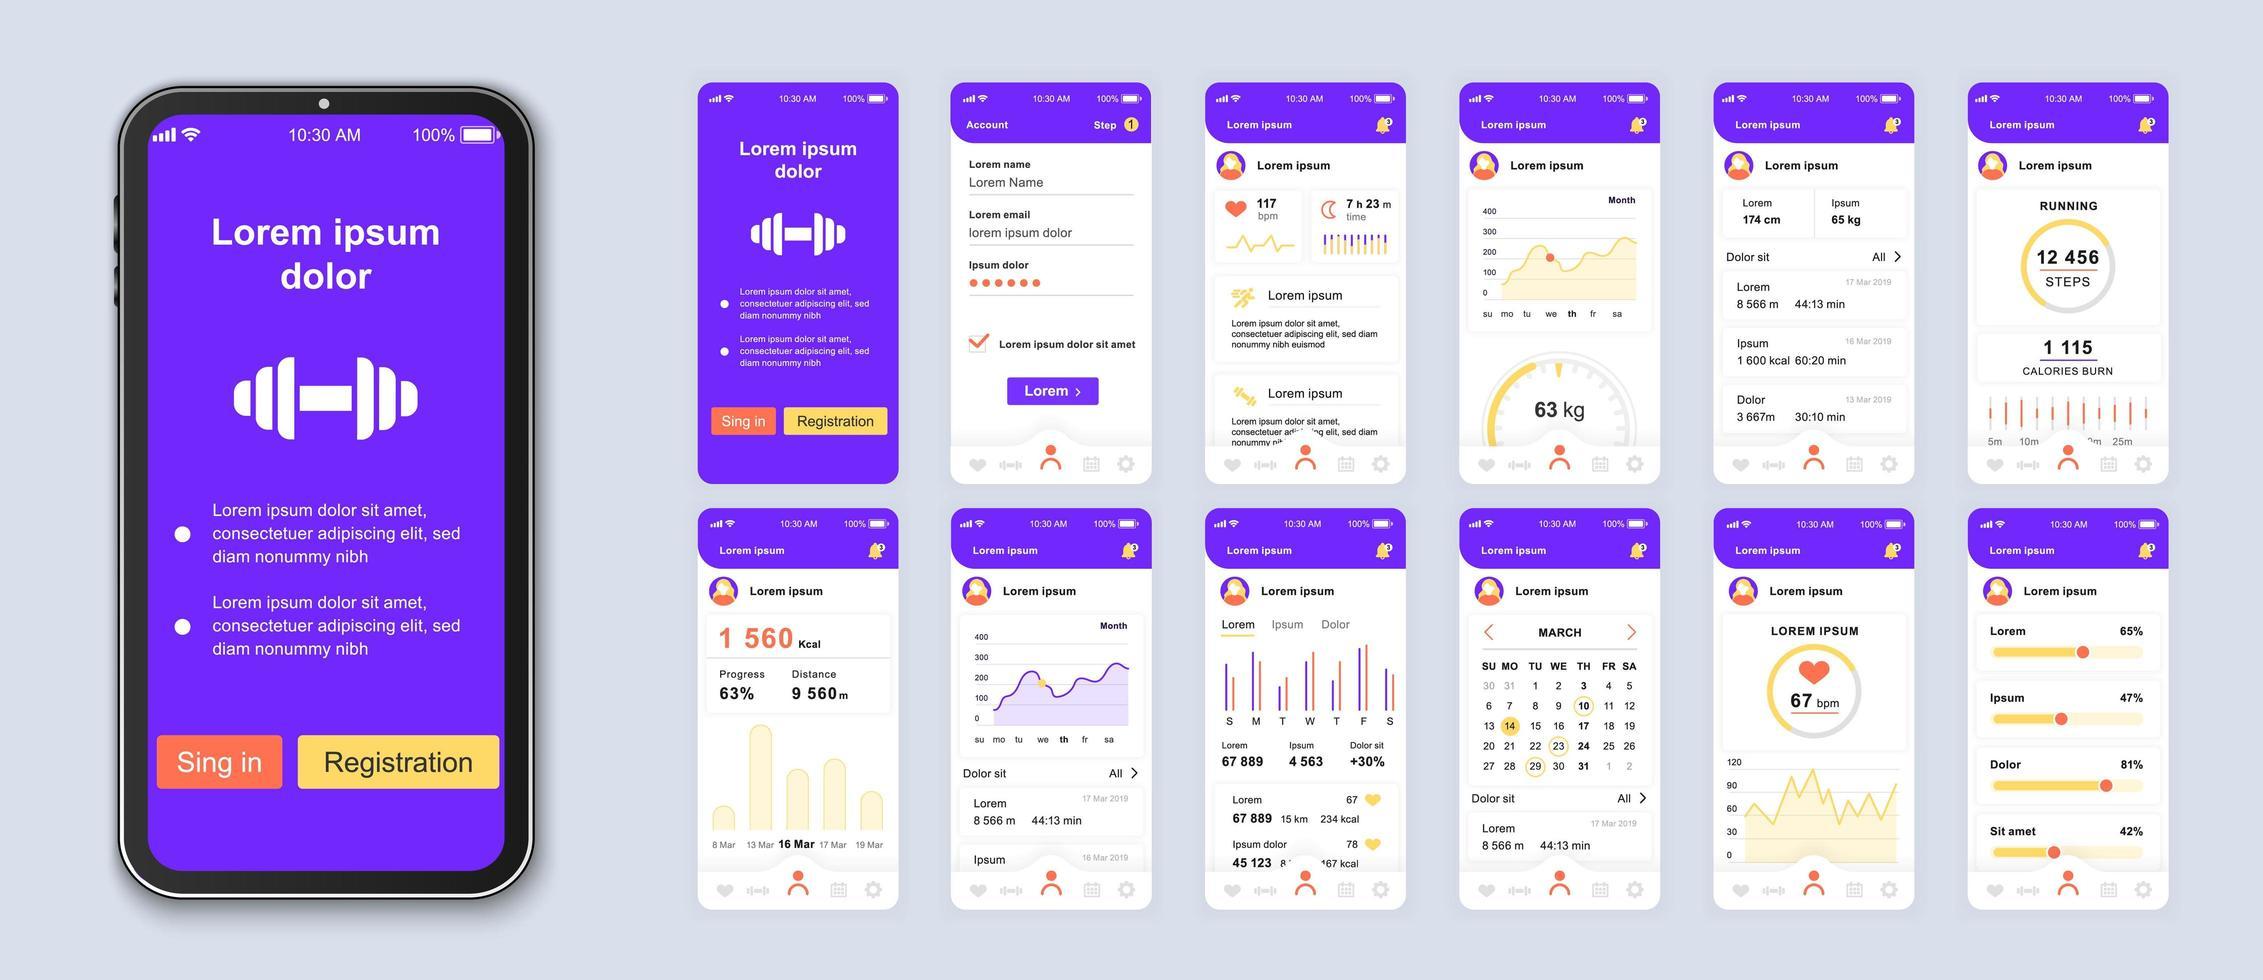 diseño de interfaz de aplicación móvil ui fitness púrpura y blanco vector